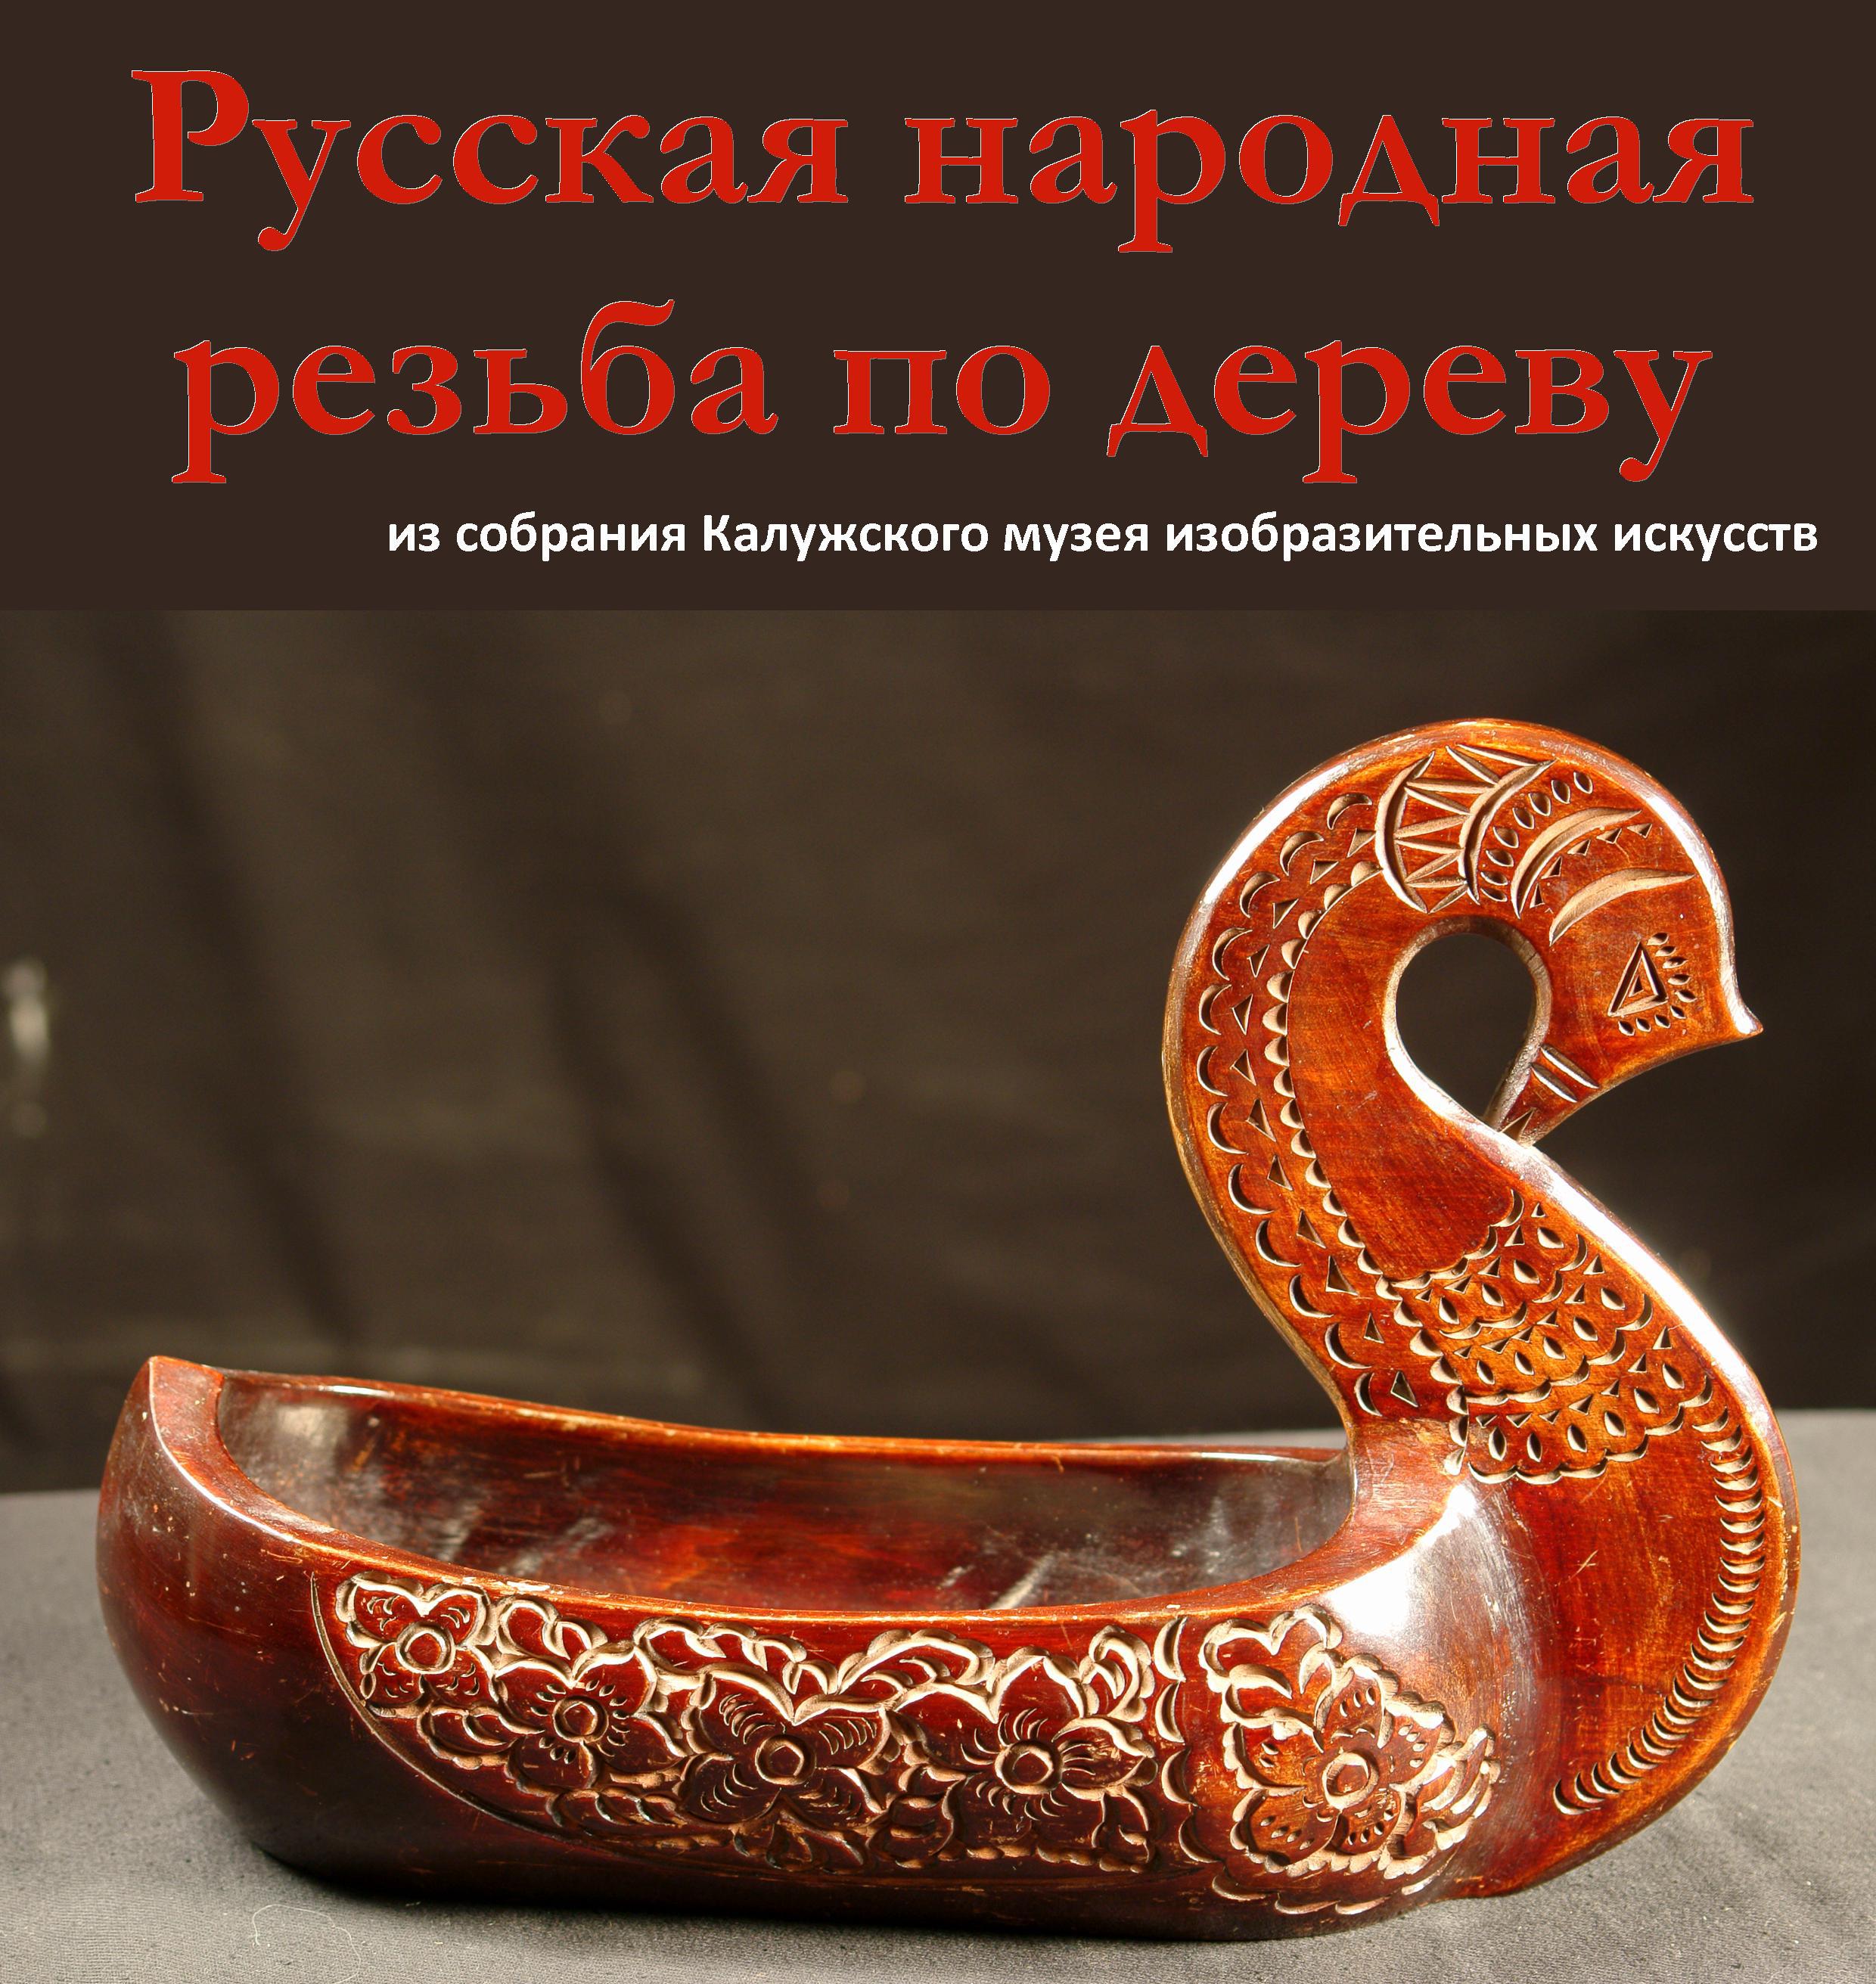 В Калуге откроется выставка «Русская народная резьба по дереву»